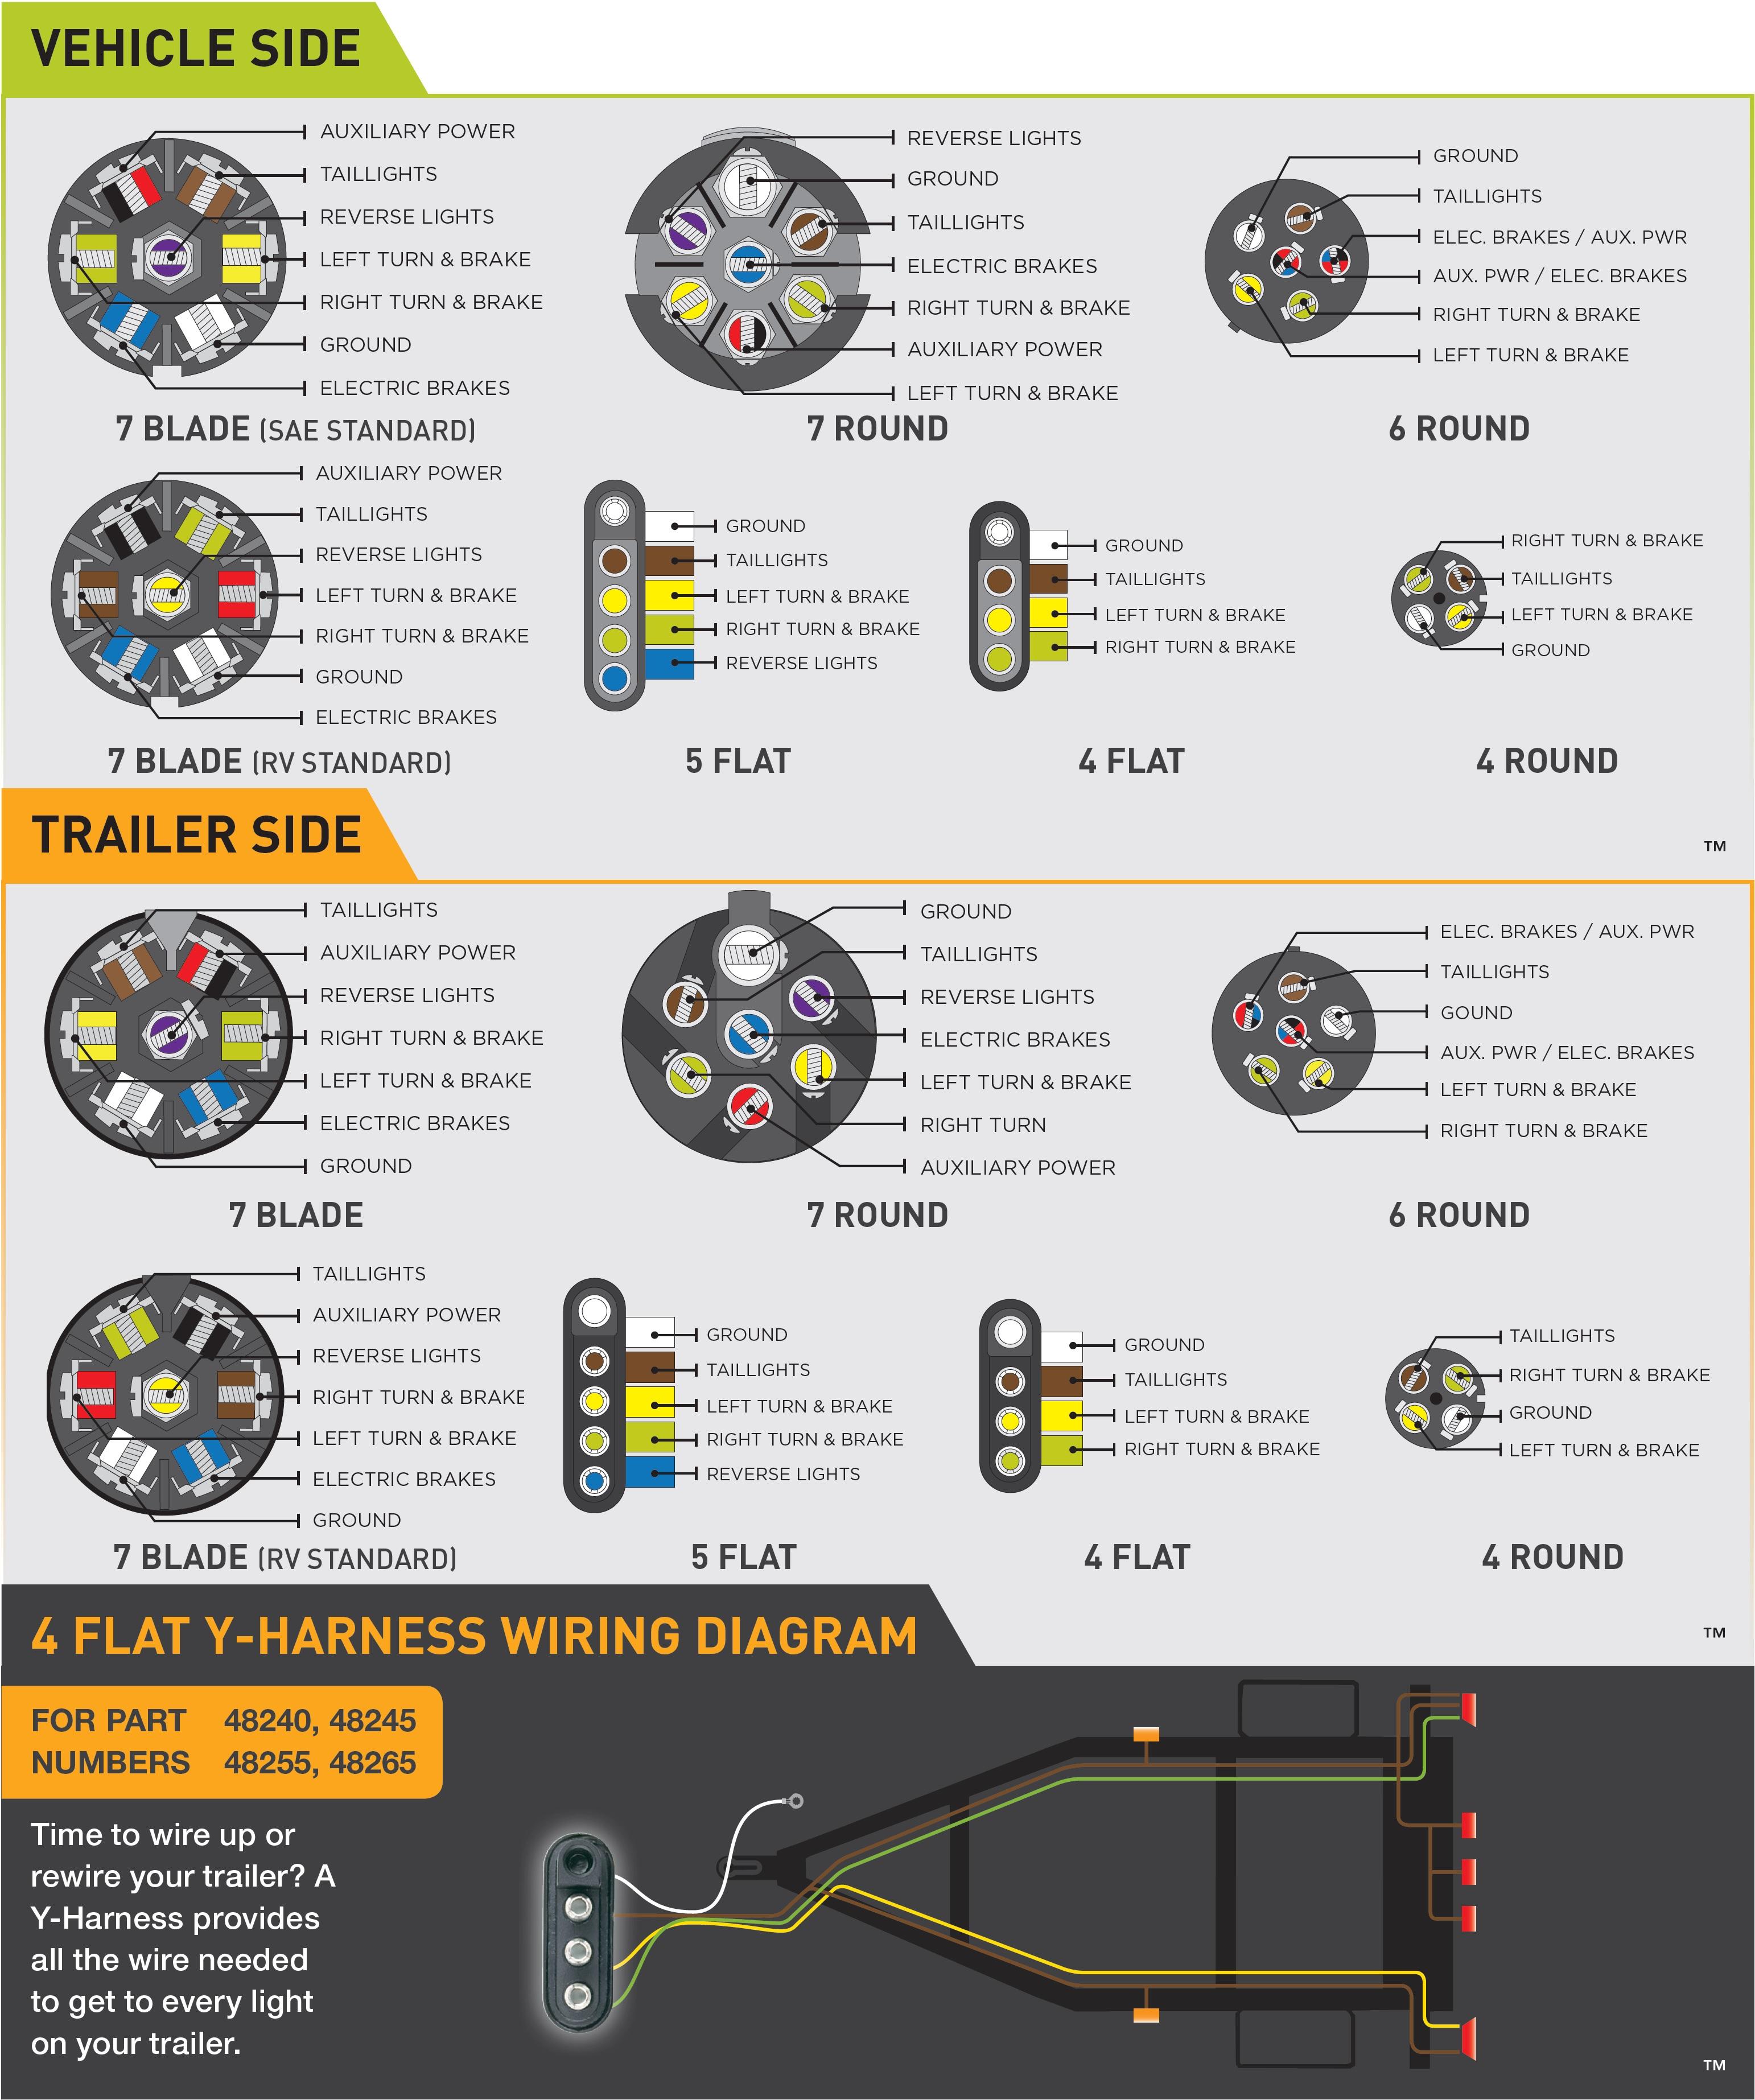 7 Way Trailer Connector Wiring Diagram Blade | Wiring Diagram - 7 Way Plug Wiring Diagram